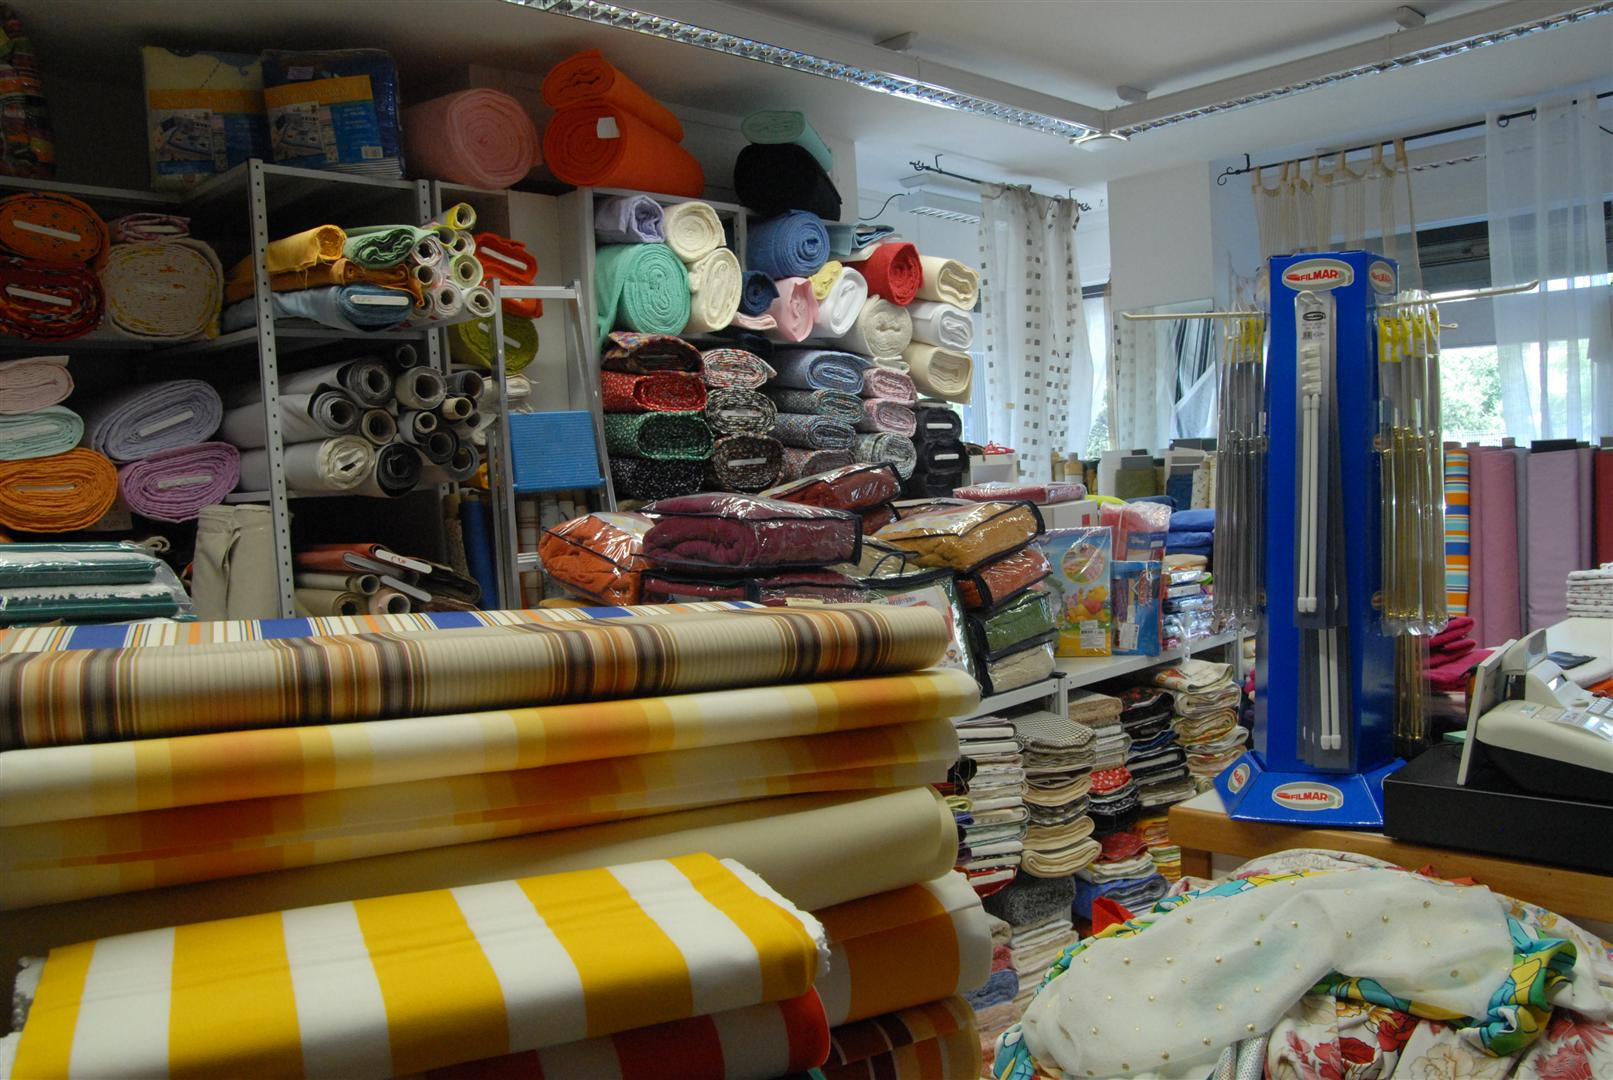 Ottorosso sesto fiorentino official website via della - Biancheria per la casa vendita on line ...